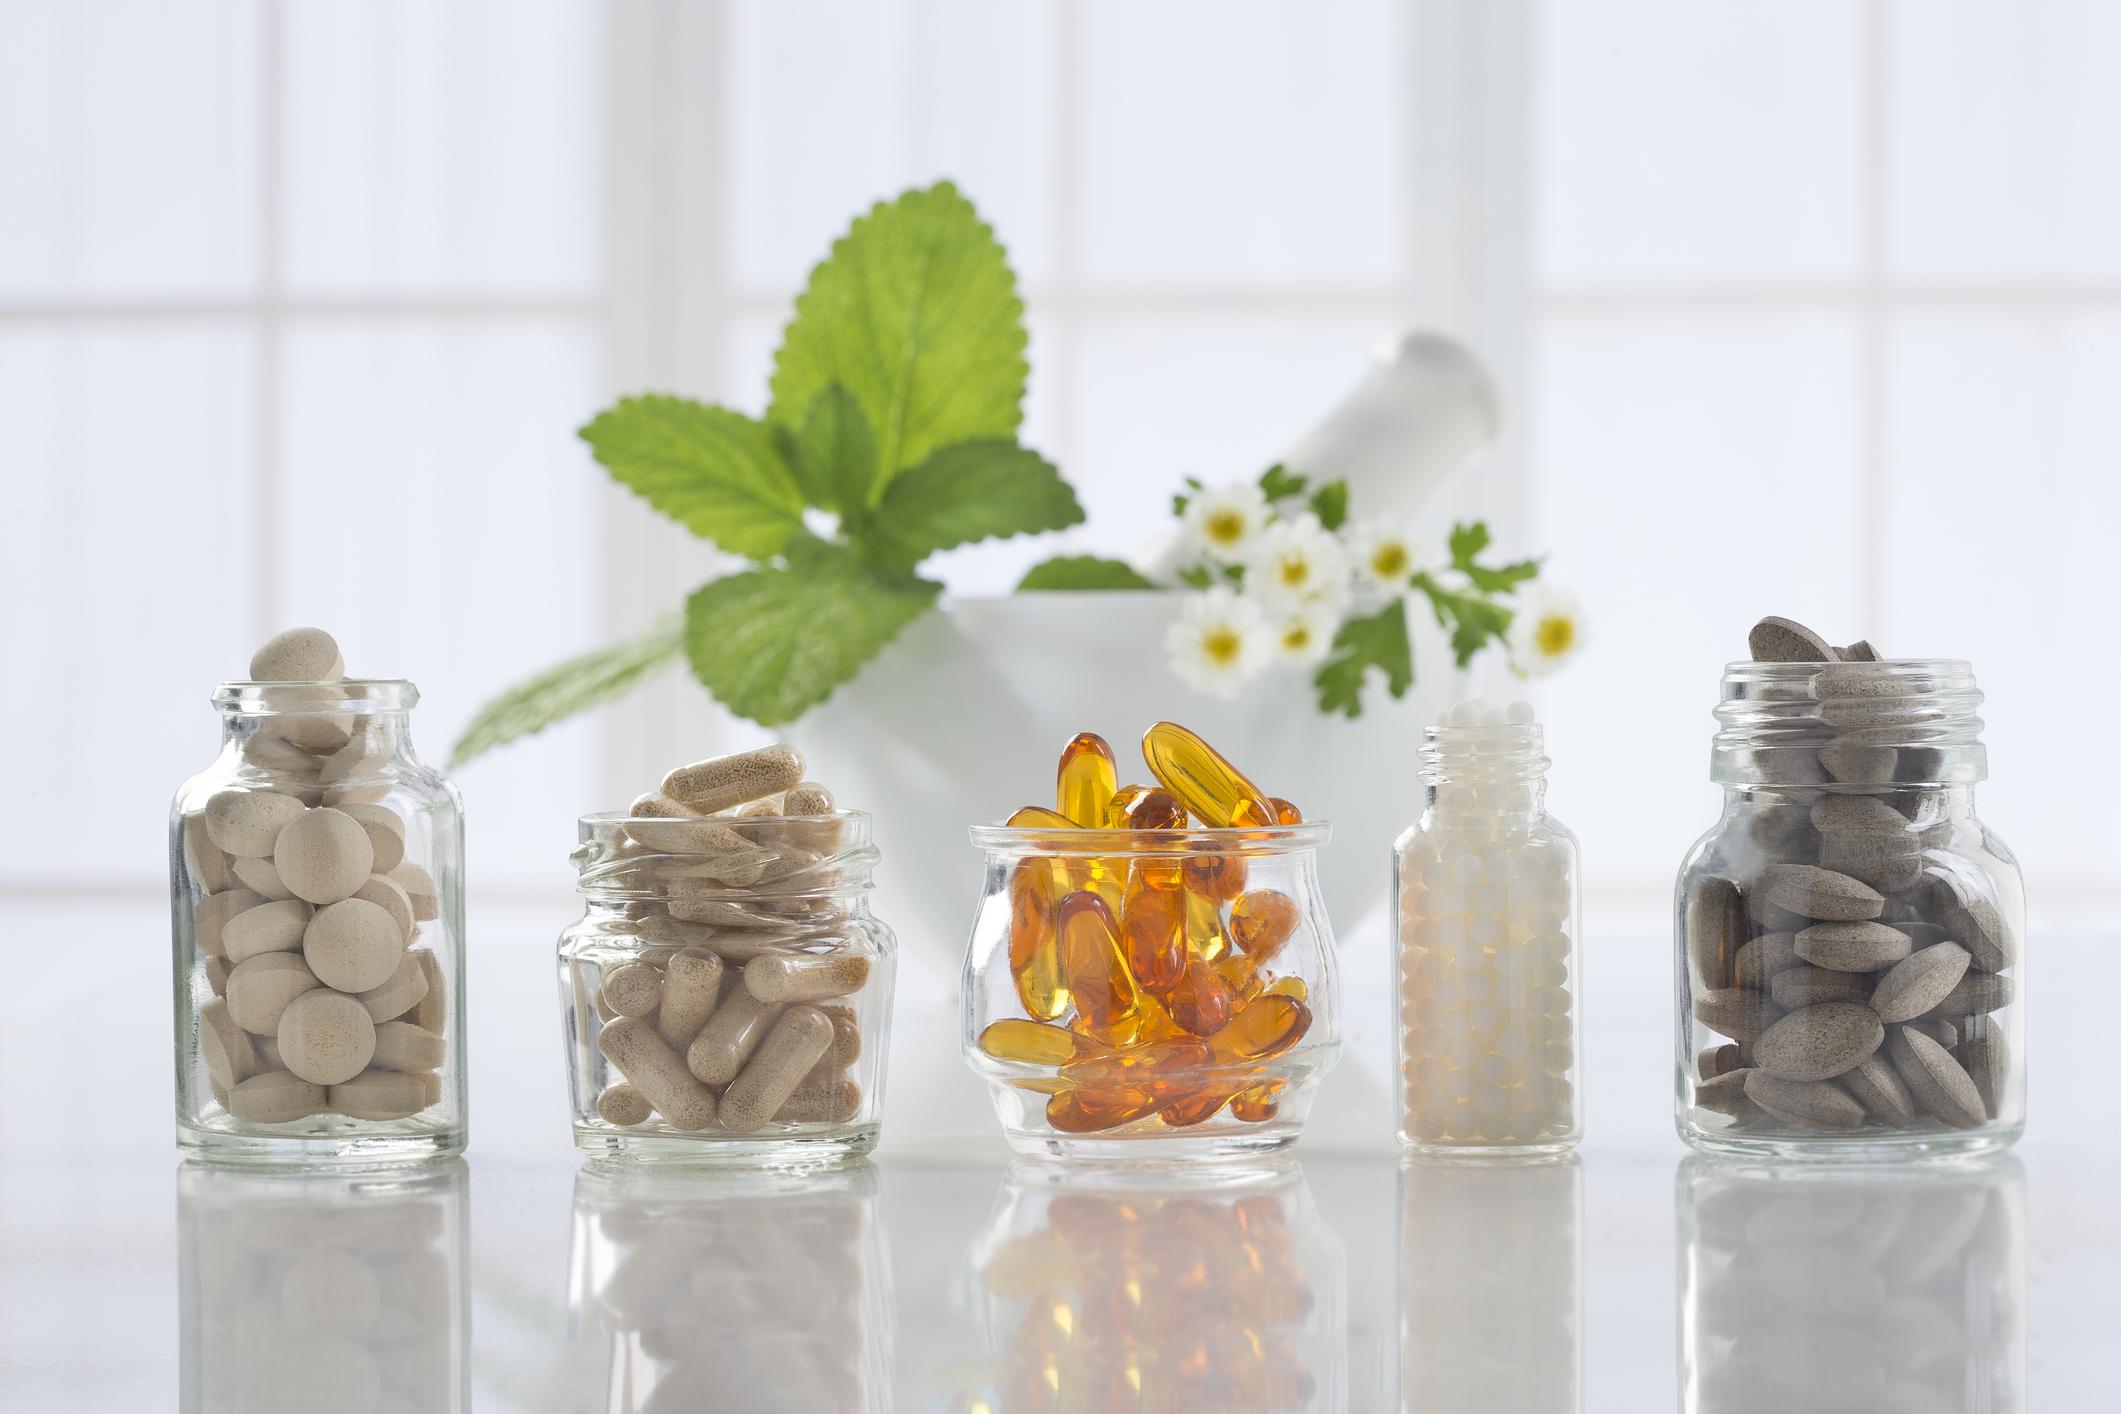 витамины для восстановления легких